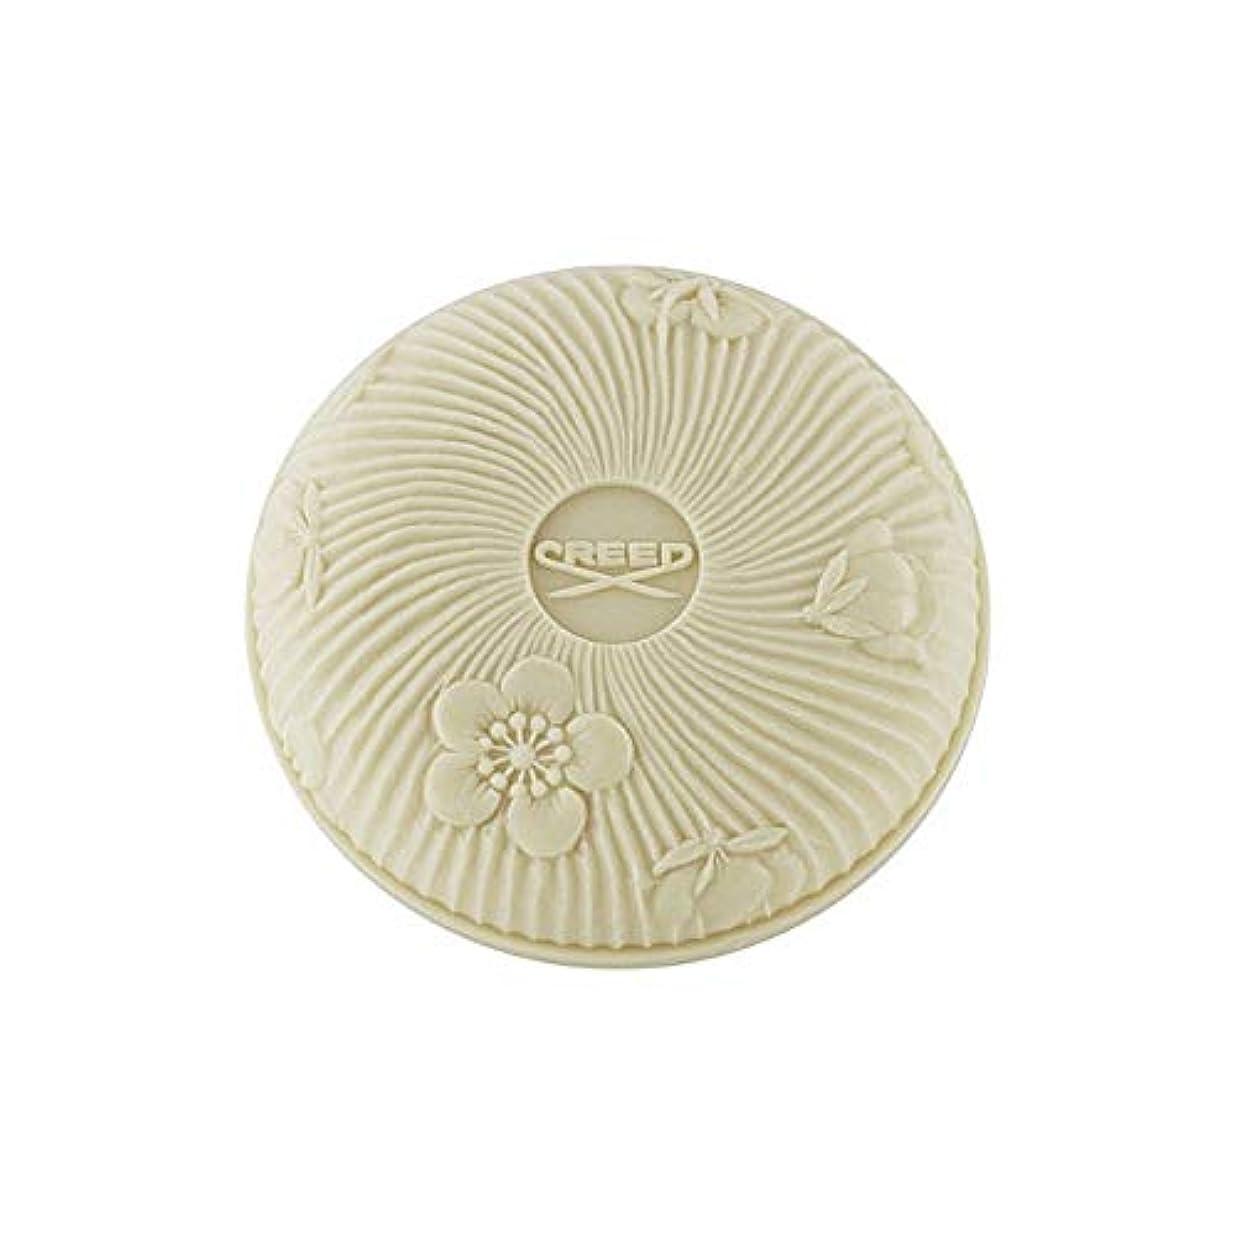 電話に出る対処する含む[Creed ] 白い石鹸150グラムで信条愛 - Creed Love In White Soap 150G [並行輸入品]